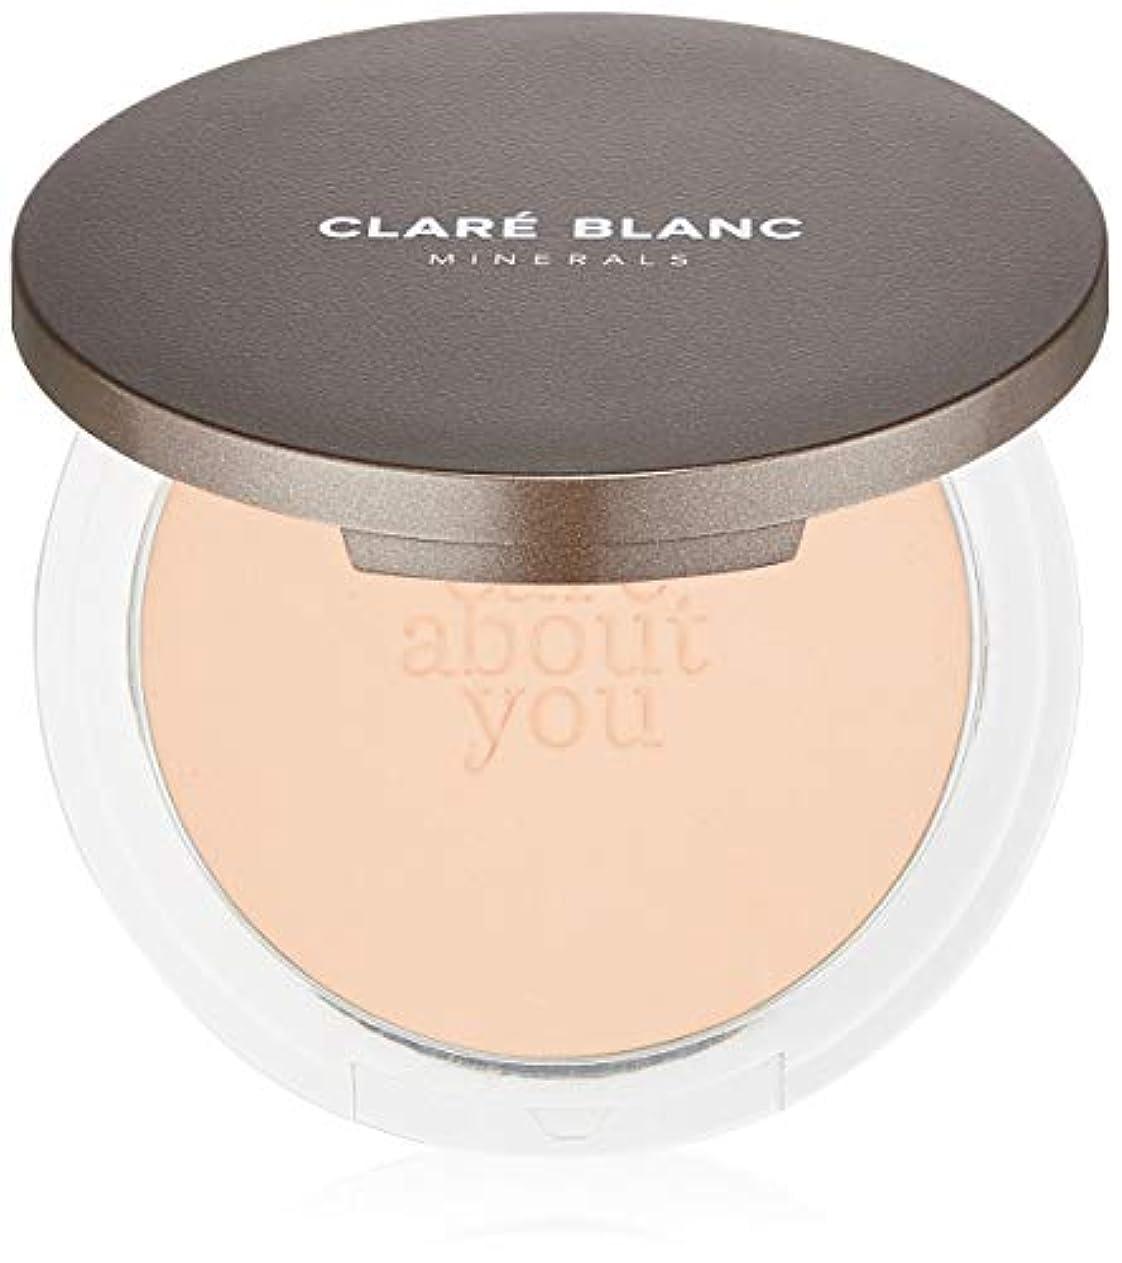 ブラザー漂流毎月CLARE BLANC(クラレブラン) ドリームプレストミネラルファンデ BEIGE330